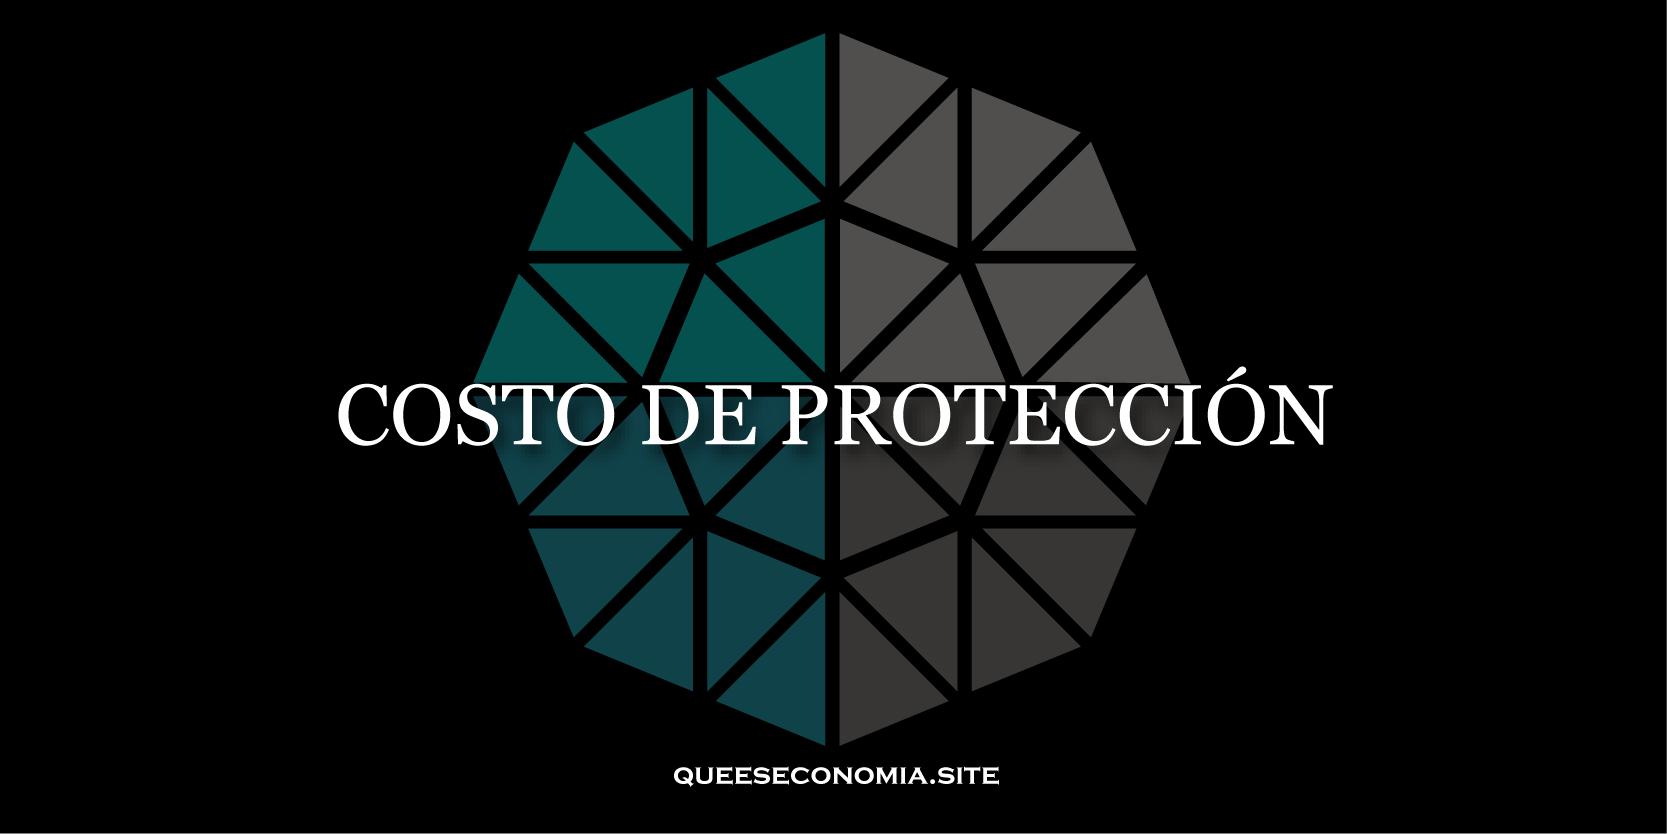 costo de protección